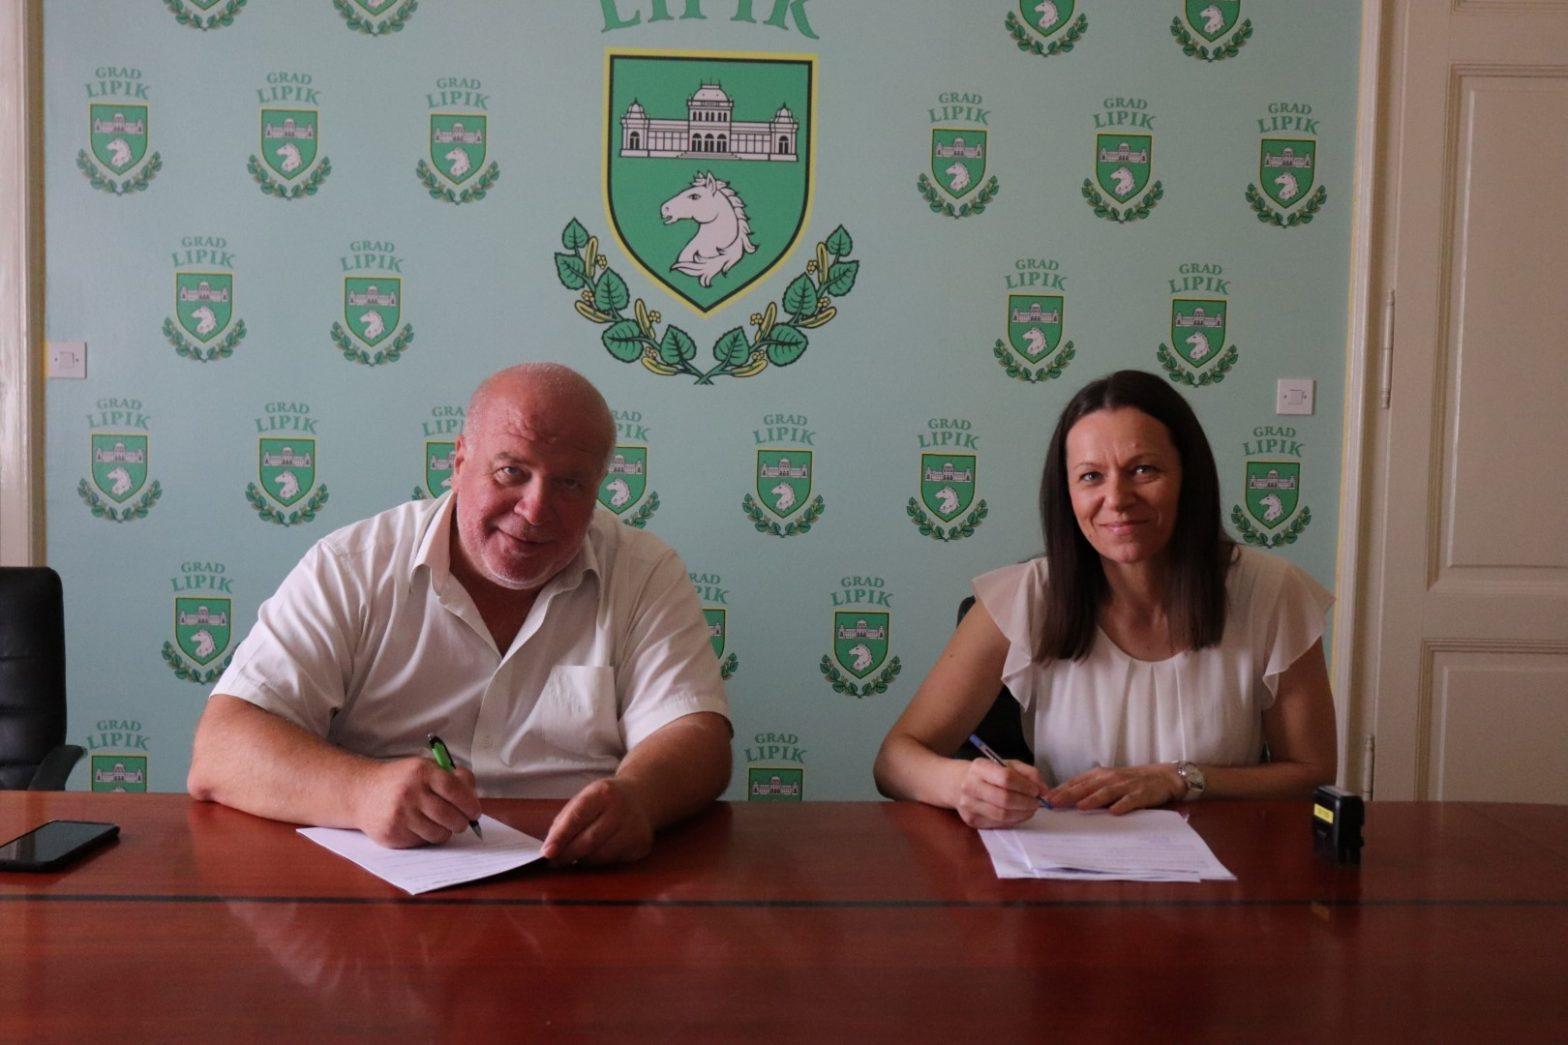 Potpisani ugovori za obnovu lječilišnog perivoja u vlasništvu Grada Lipika